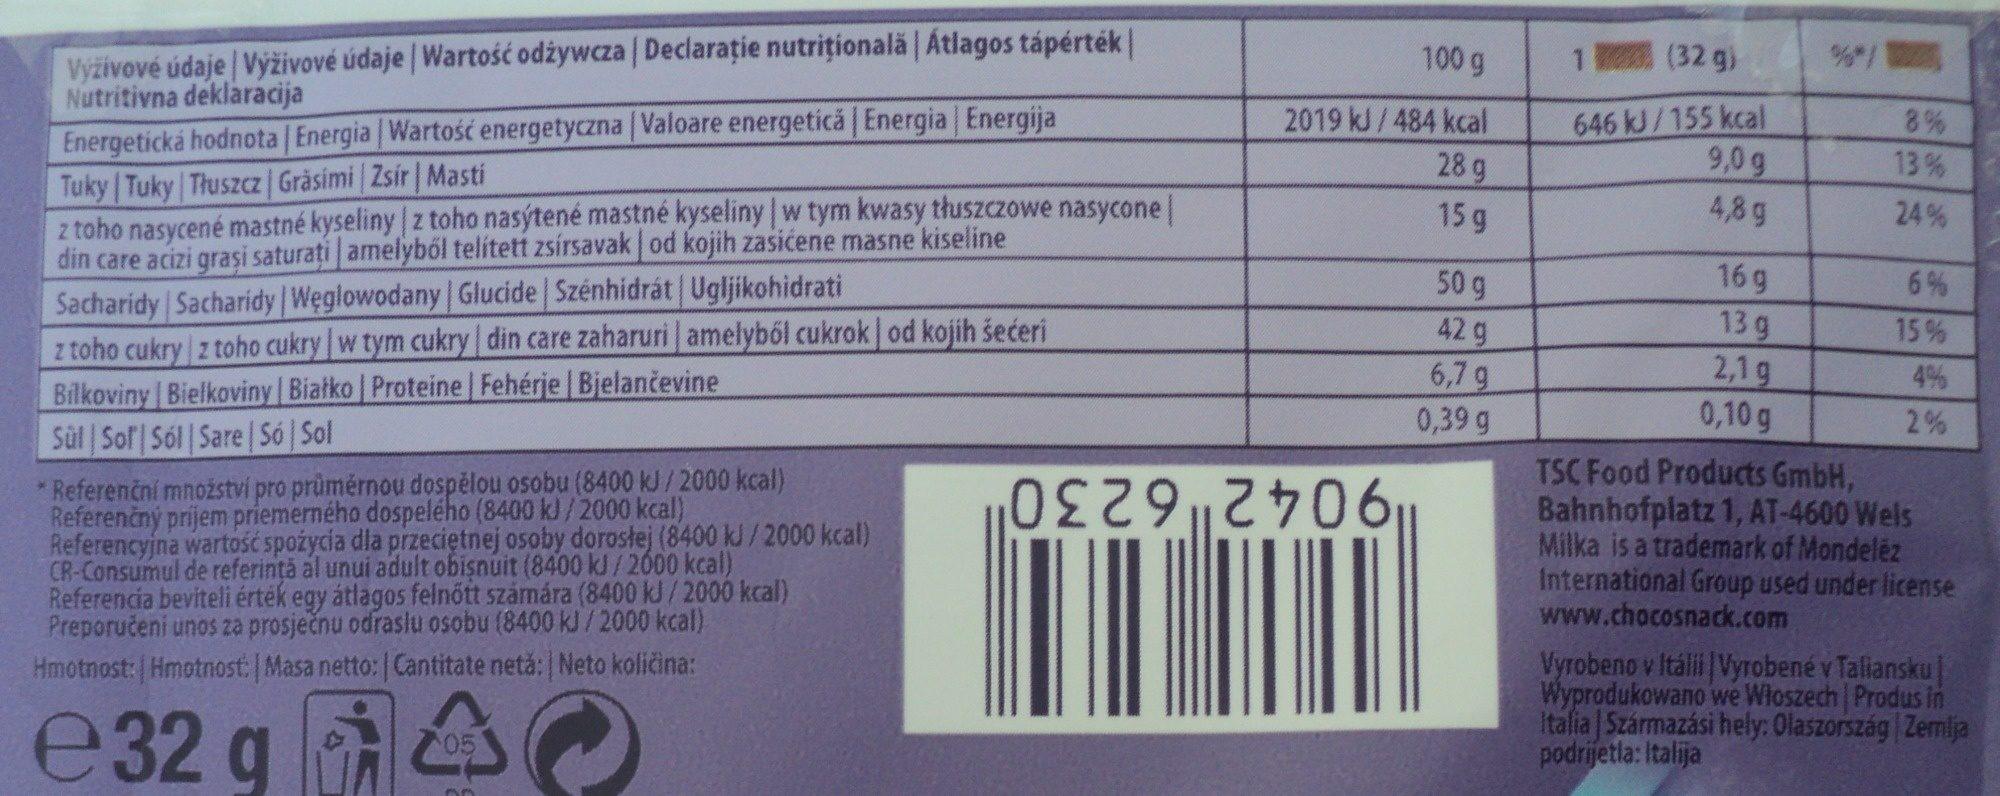 Milka Choco Snack - Wartości odżywcze - ro